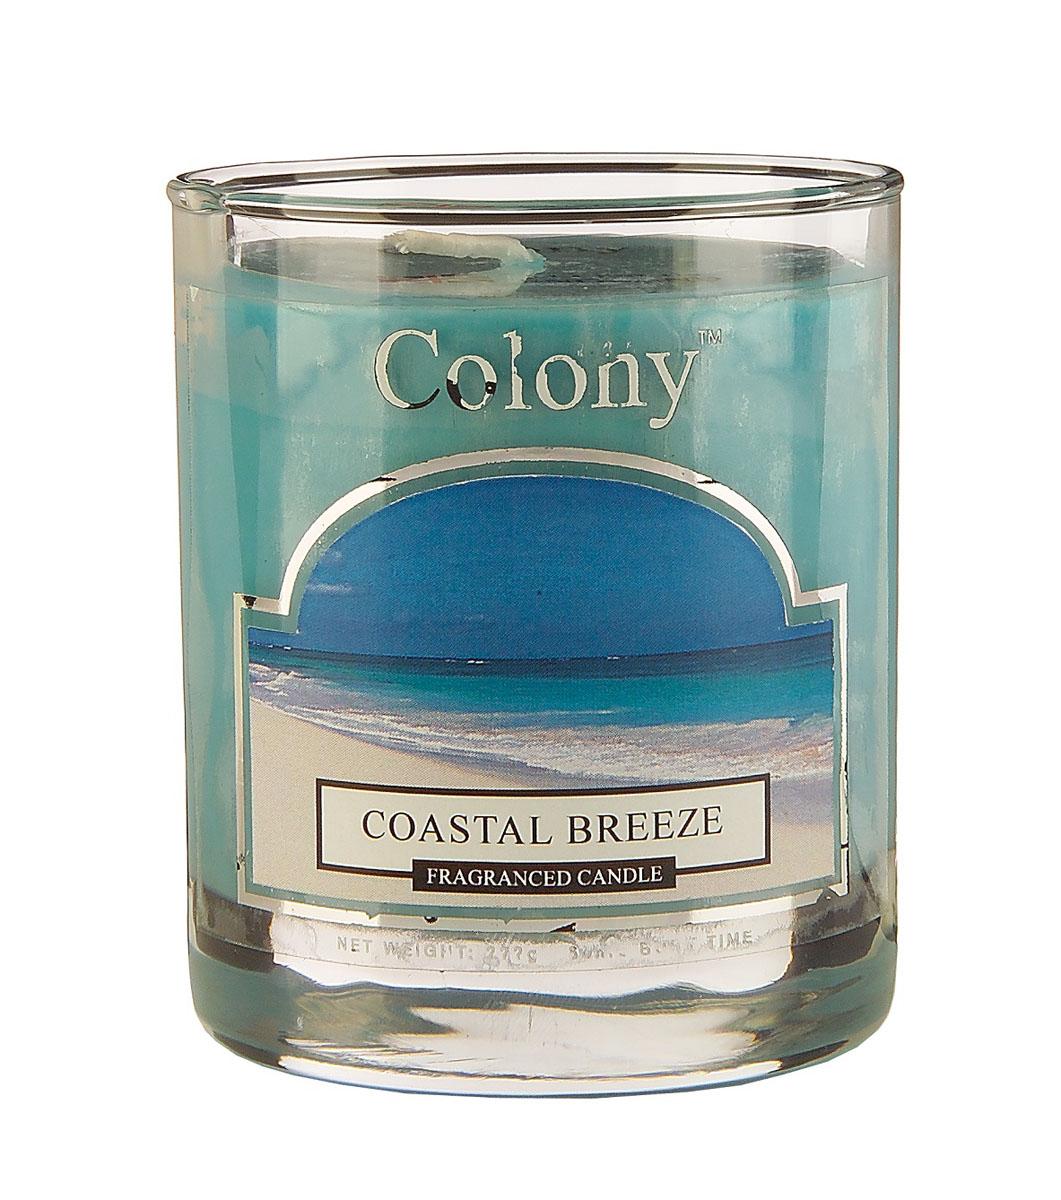 Wax Lyrical Морской бриз ароматизированная свеча в стекле малая, 35 часовCH0667Свежий шипрово-цветочный аромат с инжирными оттенками